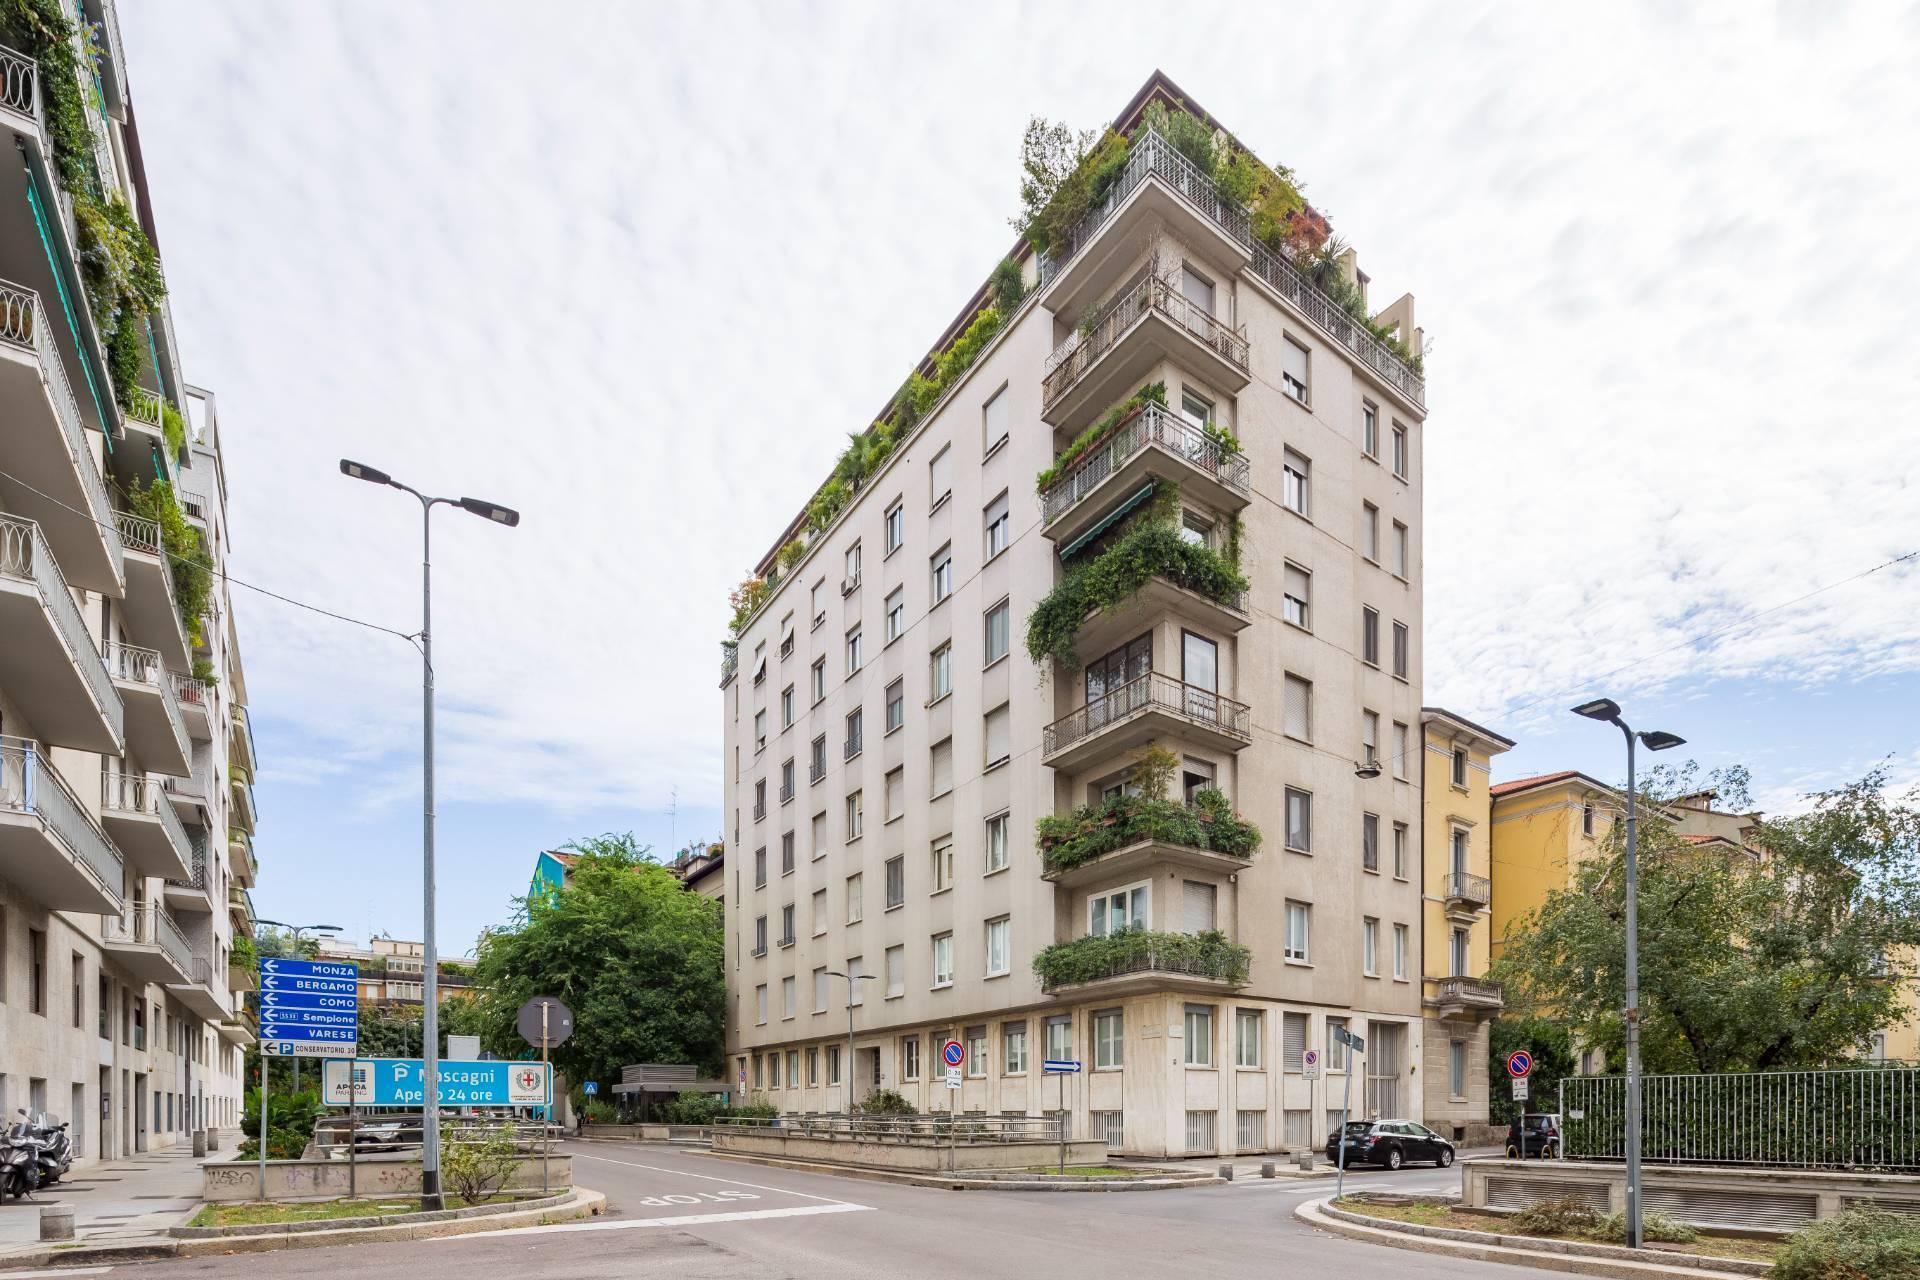 Appartamento signorile in Via Mascagni - 21